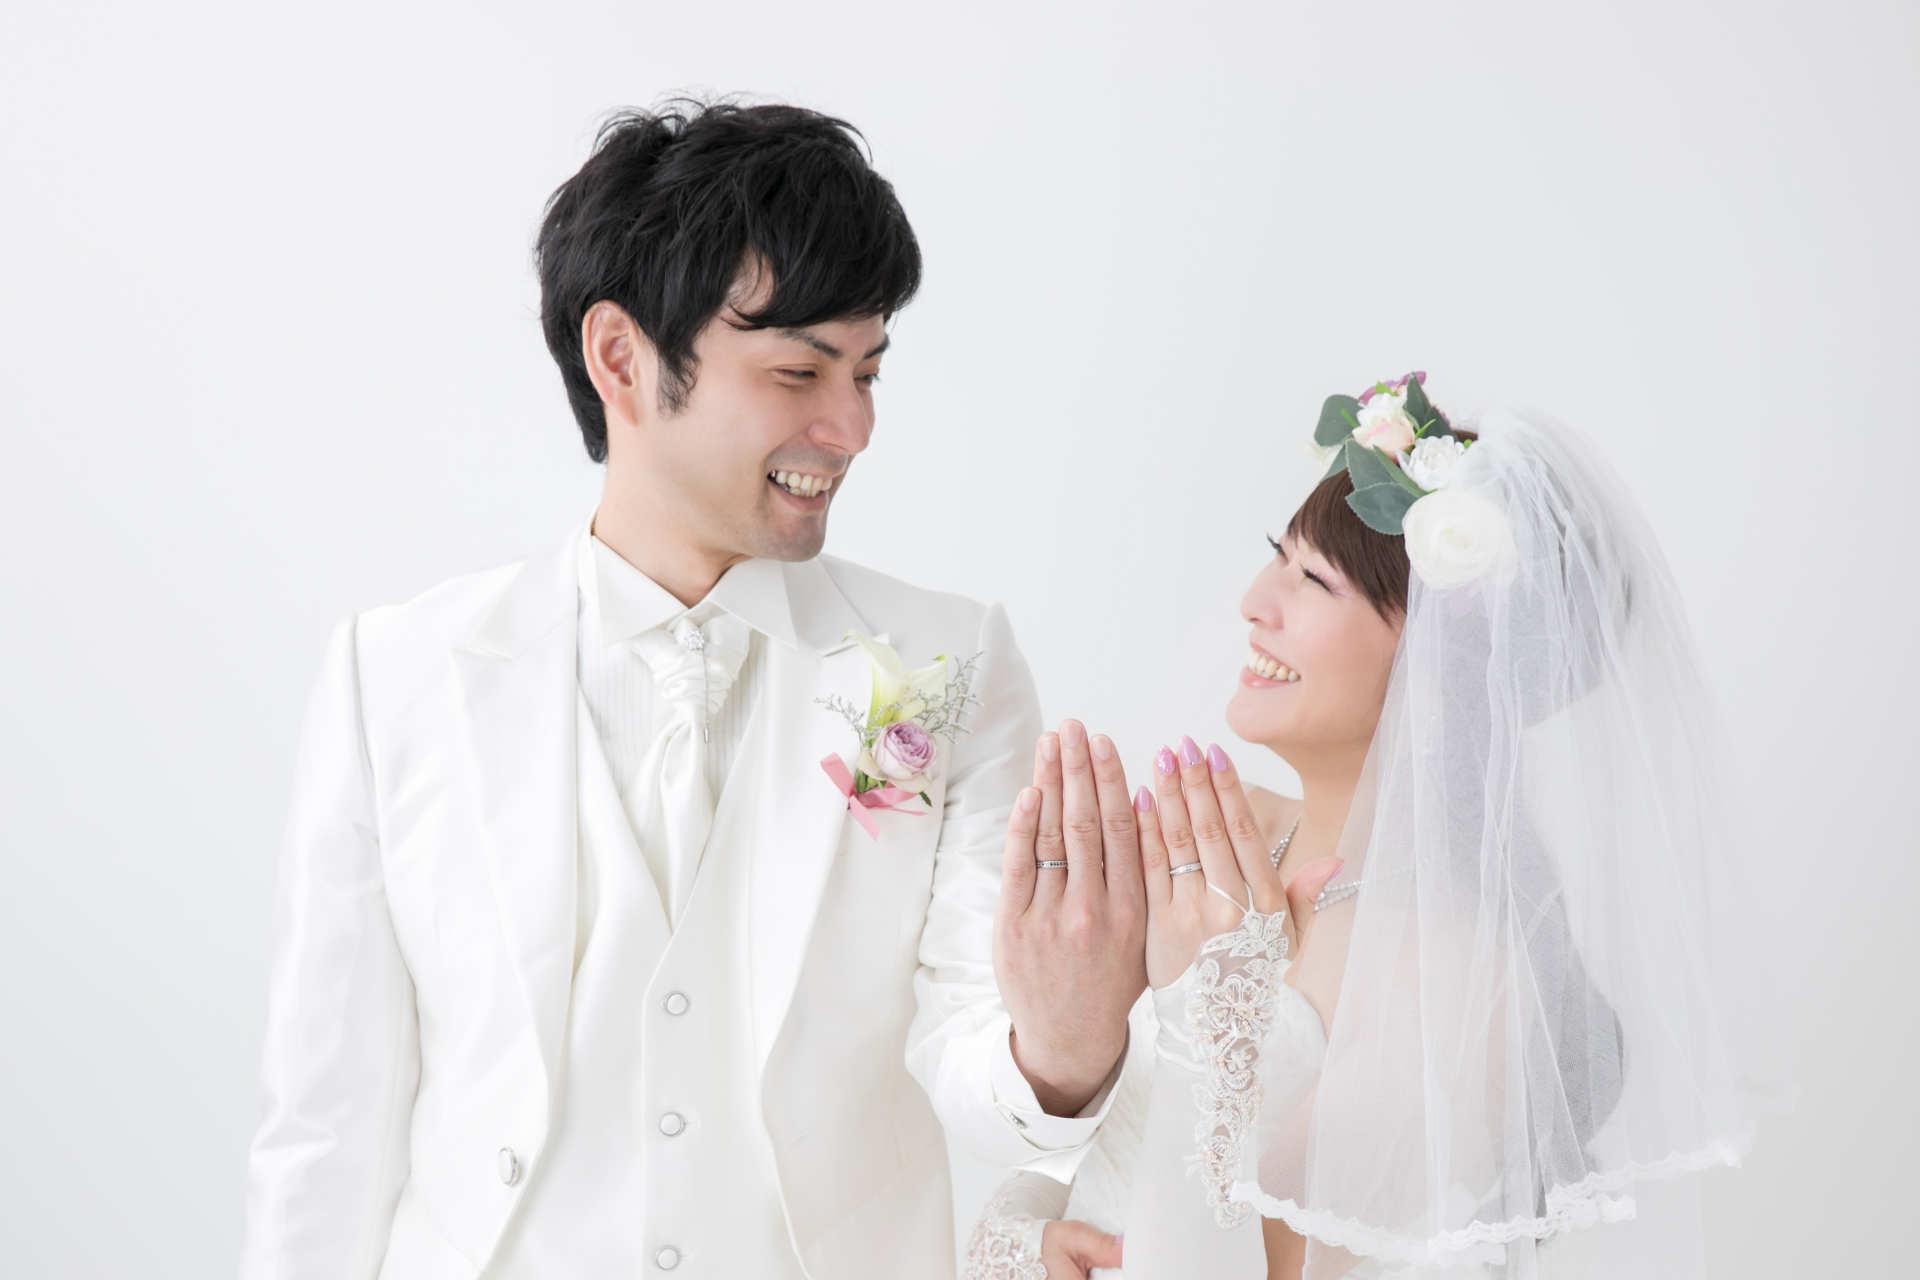 婚約指輪をはめる男女のカップル